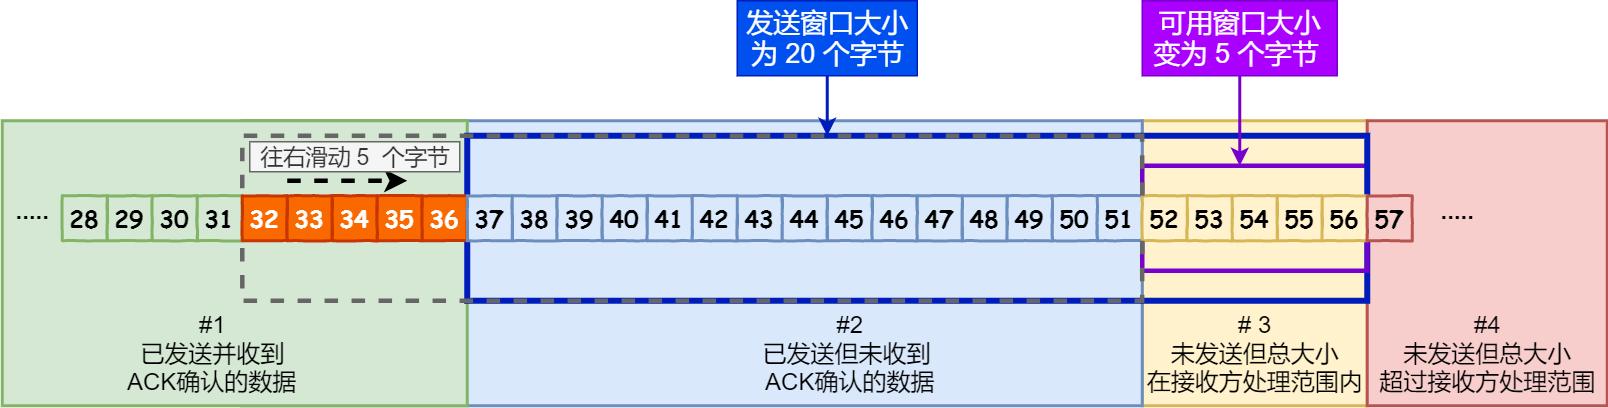 32 ~ 36 字节已确认